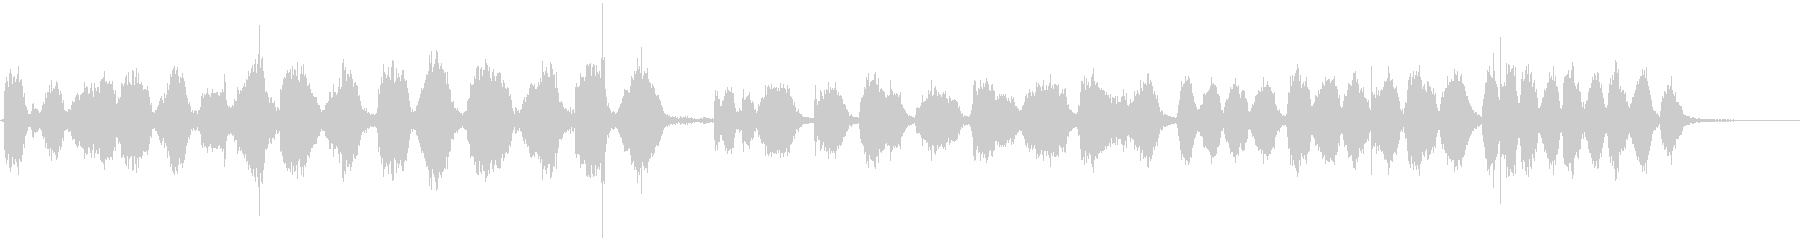 プロパンバーベキュー:ワイヤーブラ...の未再生の波形